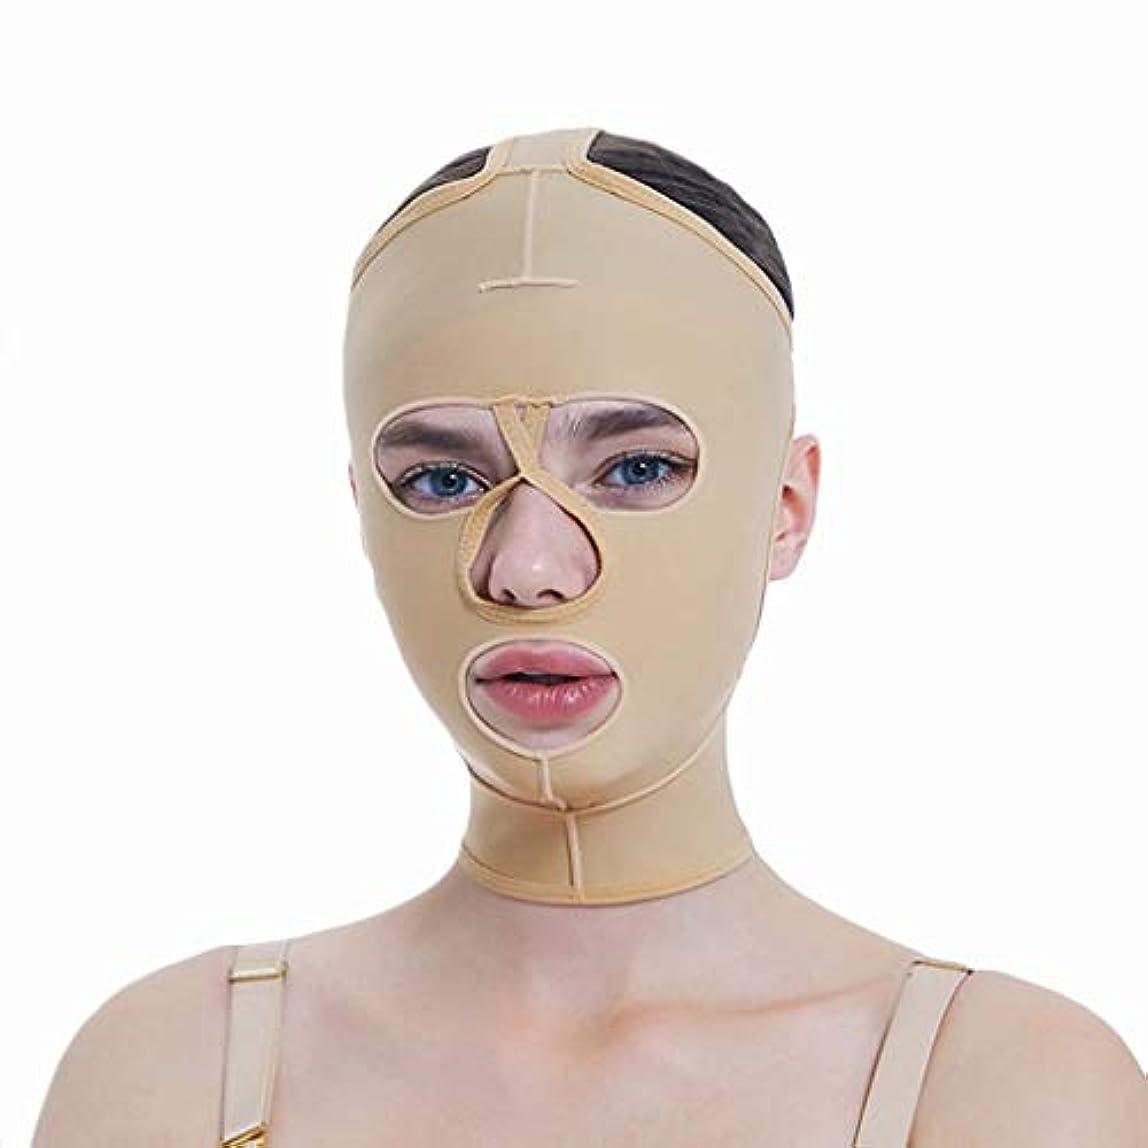 単位鼻故障フェイシャル減量マスク、フルカバレッジ包帯、フルフェイスリフティングマスク、フェイスマスク、快適で リフティングシェーピング(サイズ:S),XL